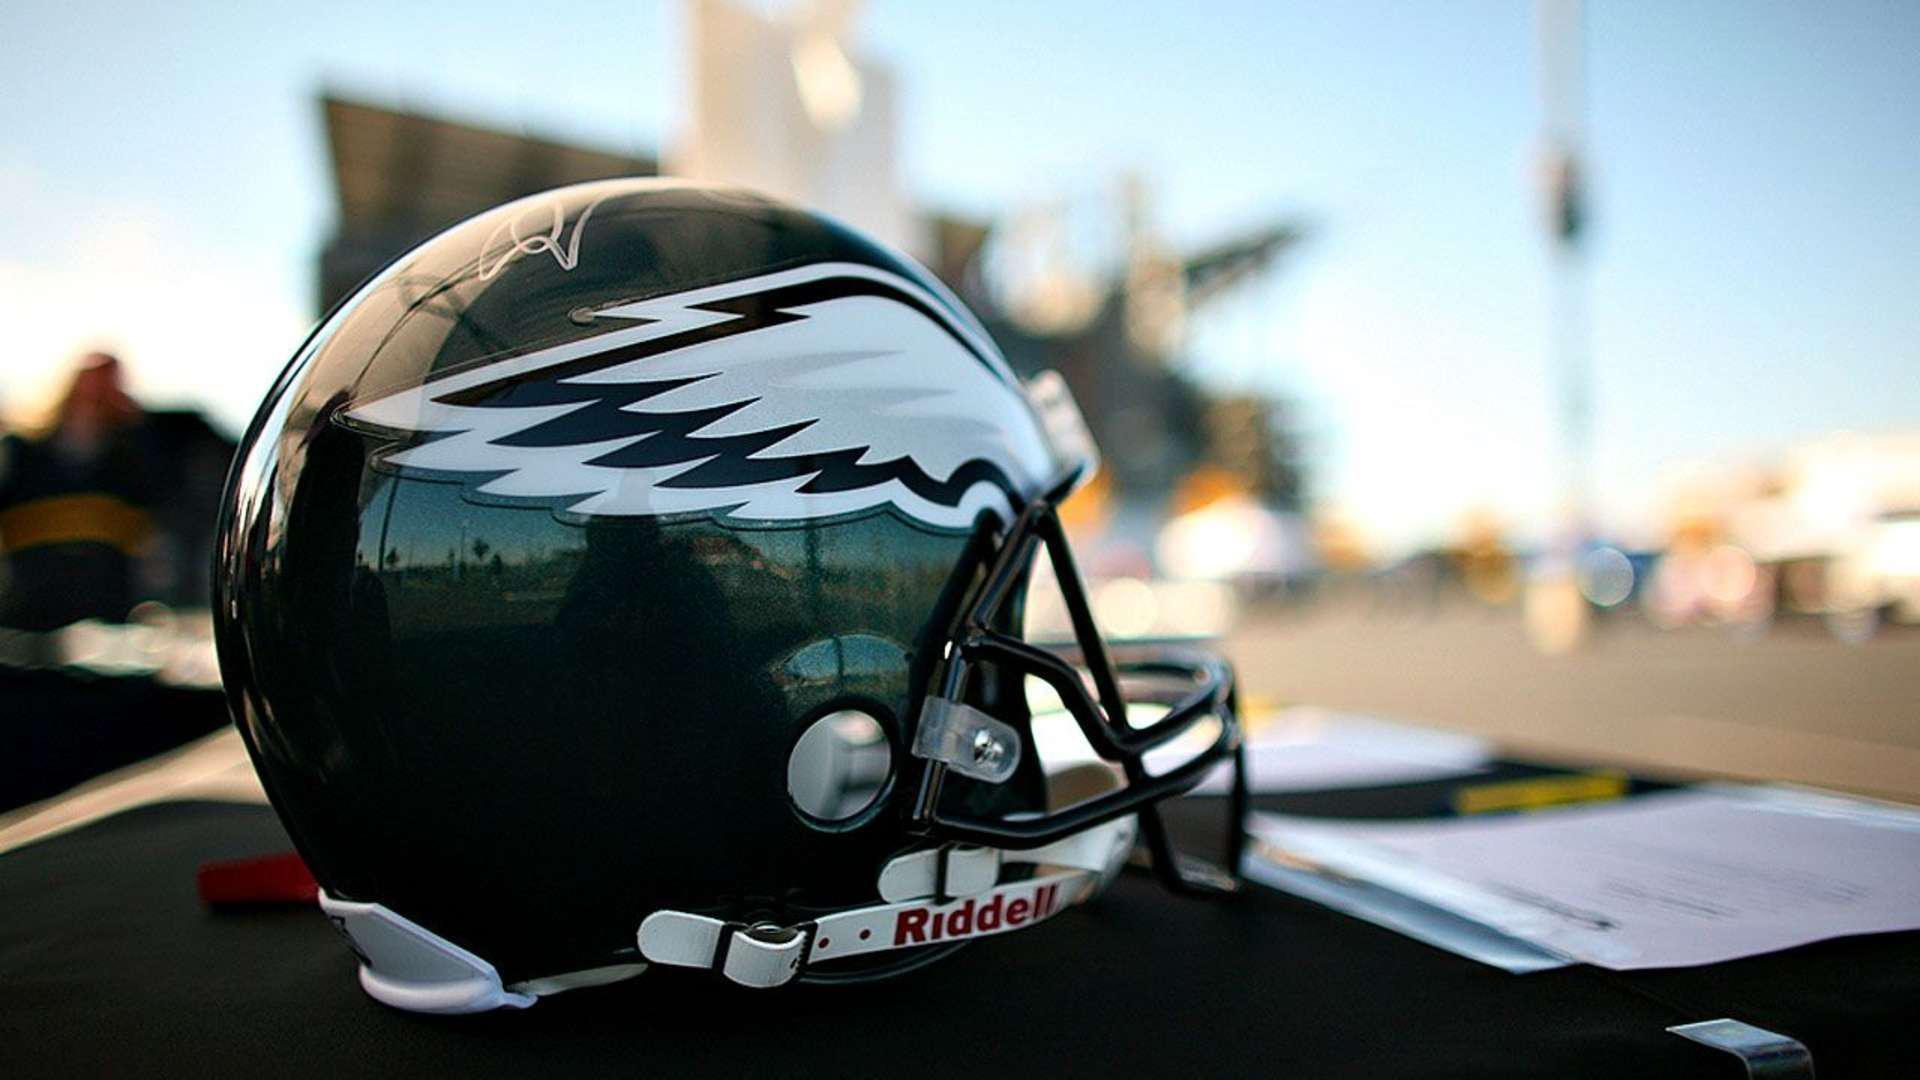 Philadelphia Eagles Desktop Images